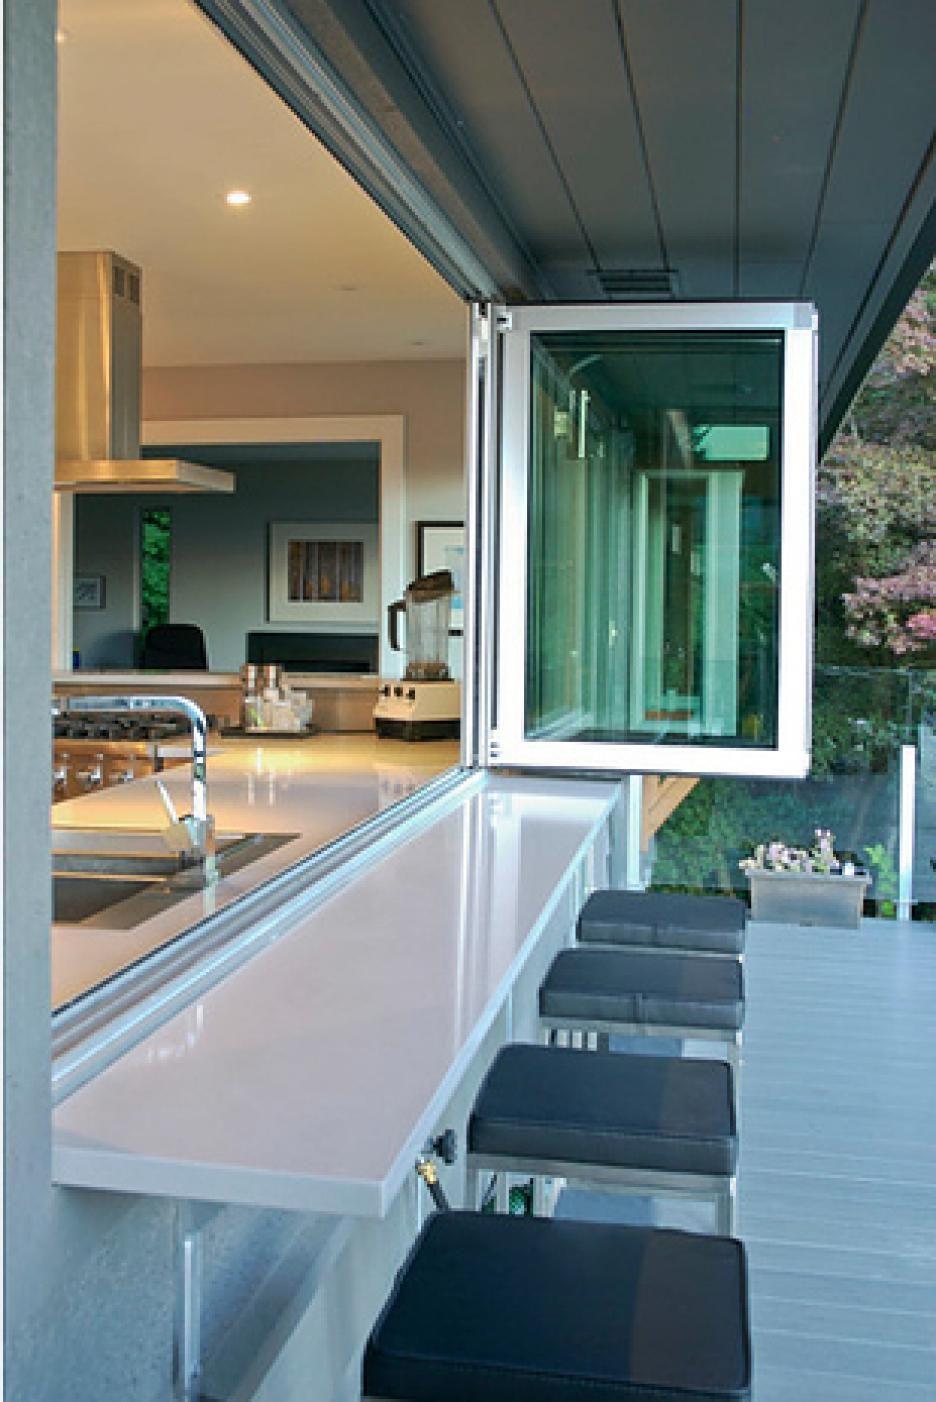 ideen einrichtung f r k che esszimmer und speisezimmer praktische tische k chentische und. Black Bedroom Furniture Sets. Home Design Ideas